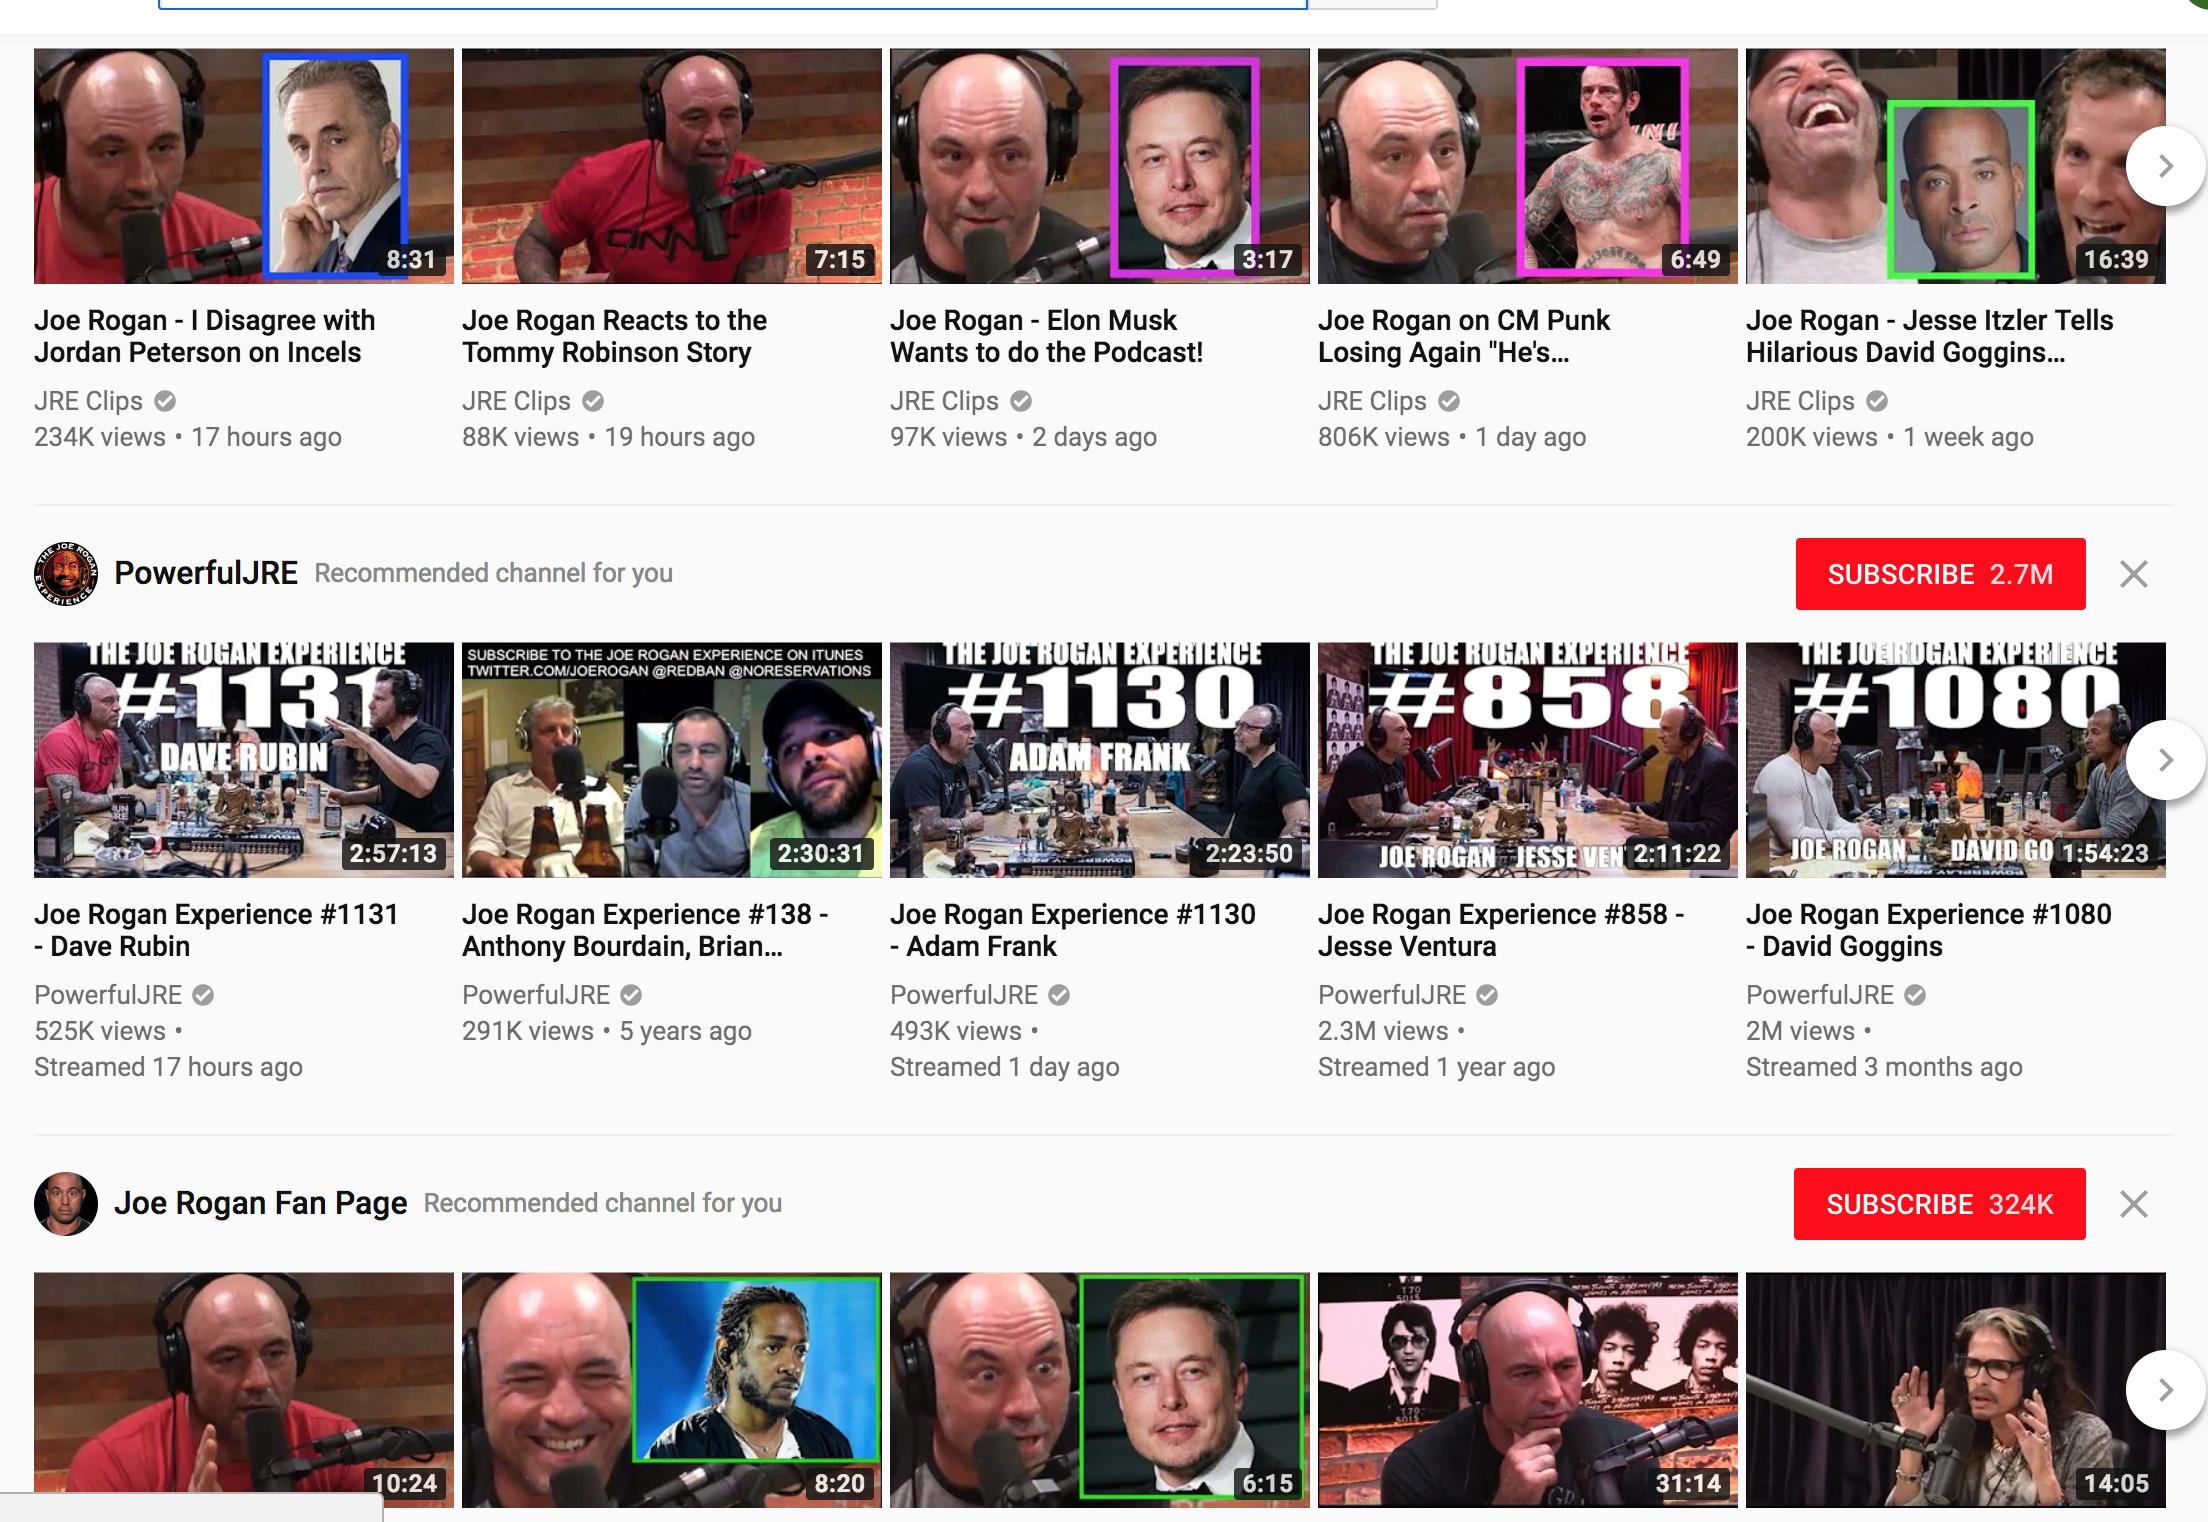 Joe Rogan - Youtube Popularity Bias  md · GitHub